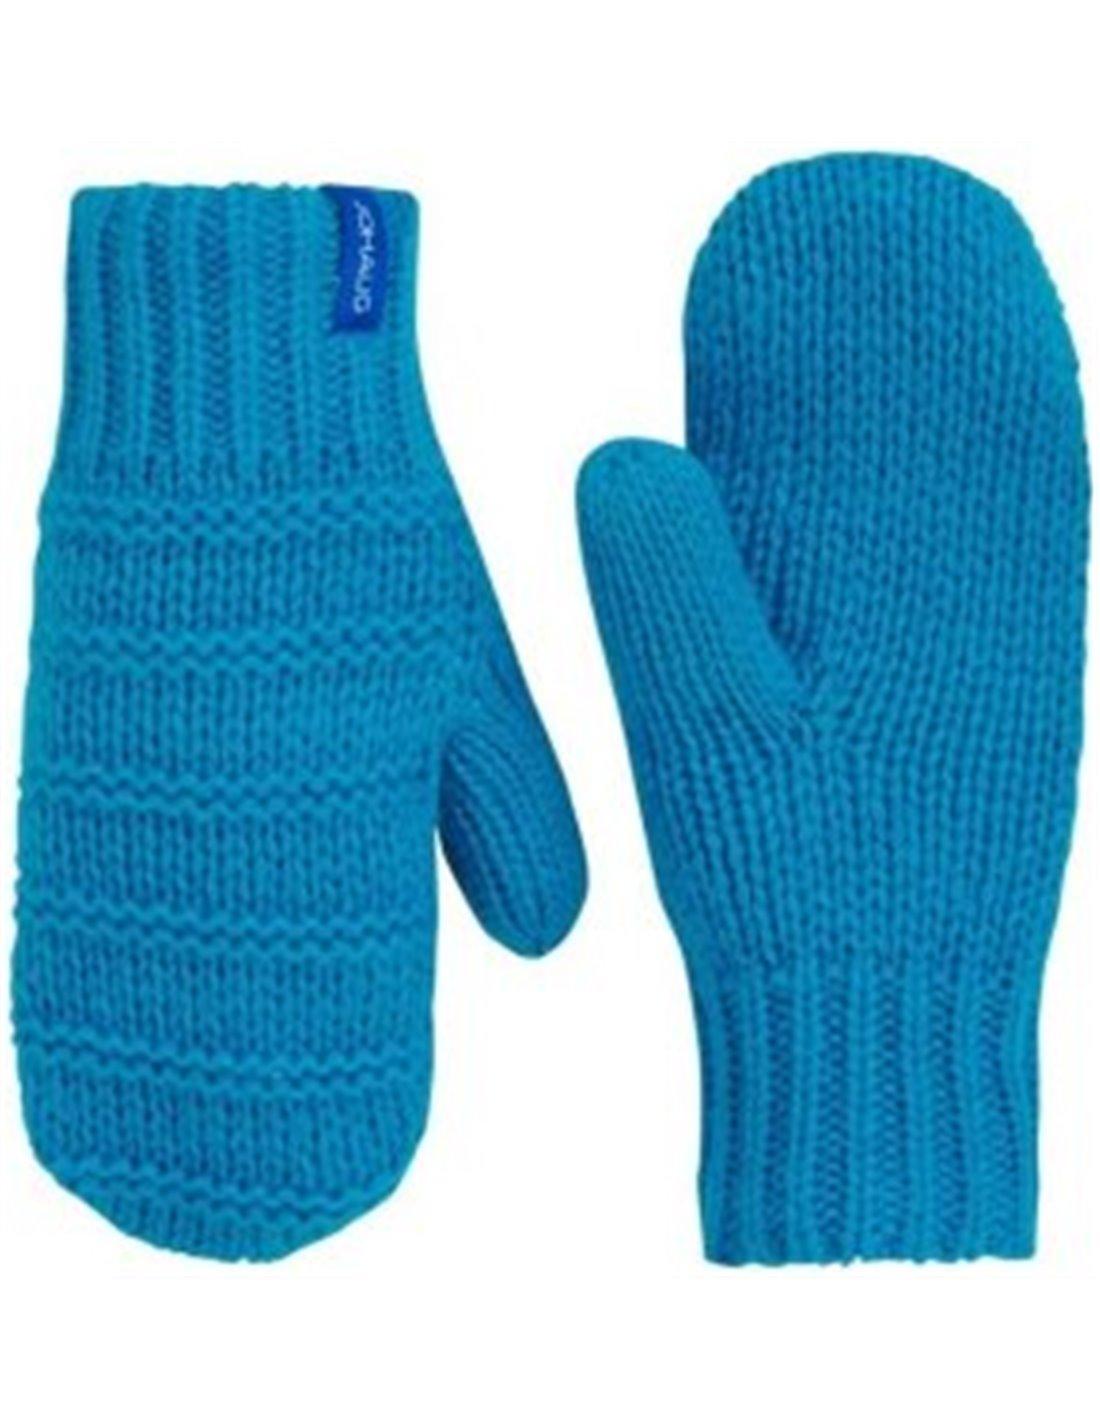 Johaug Now Winter Knitted Mitten Junior